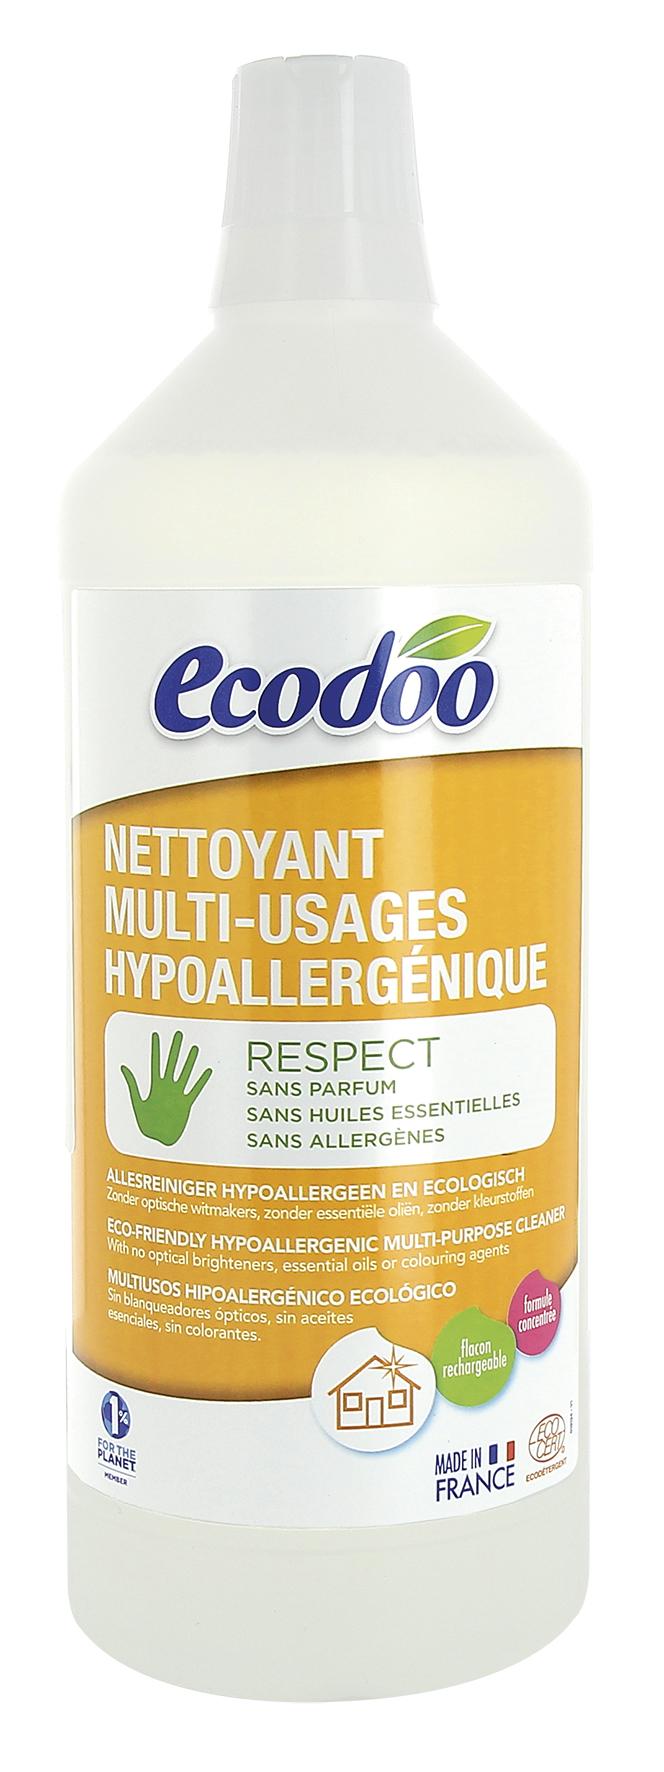 Recharge pour nettoyant hypoallergénique multi-usages, Ecodoo (1 l)